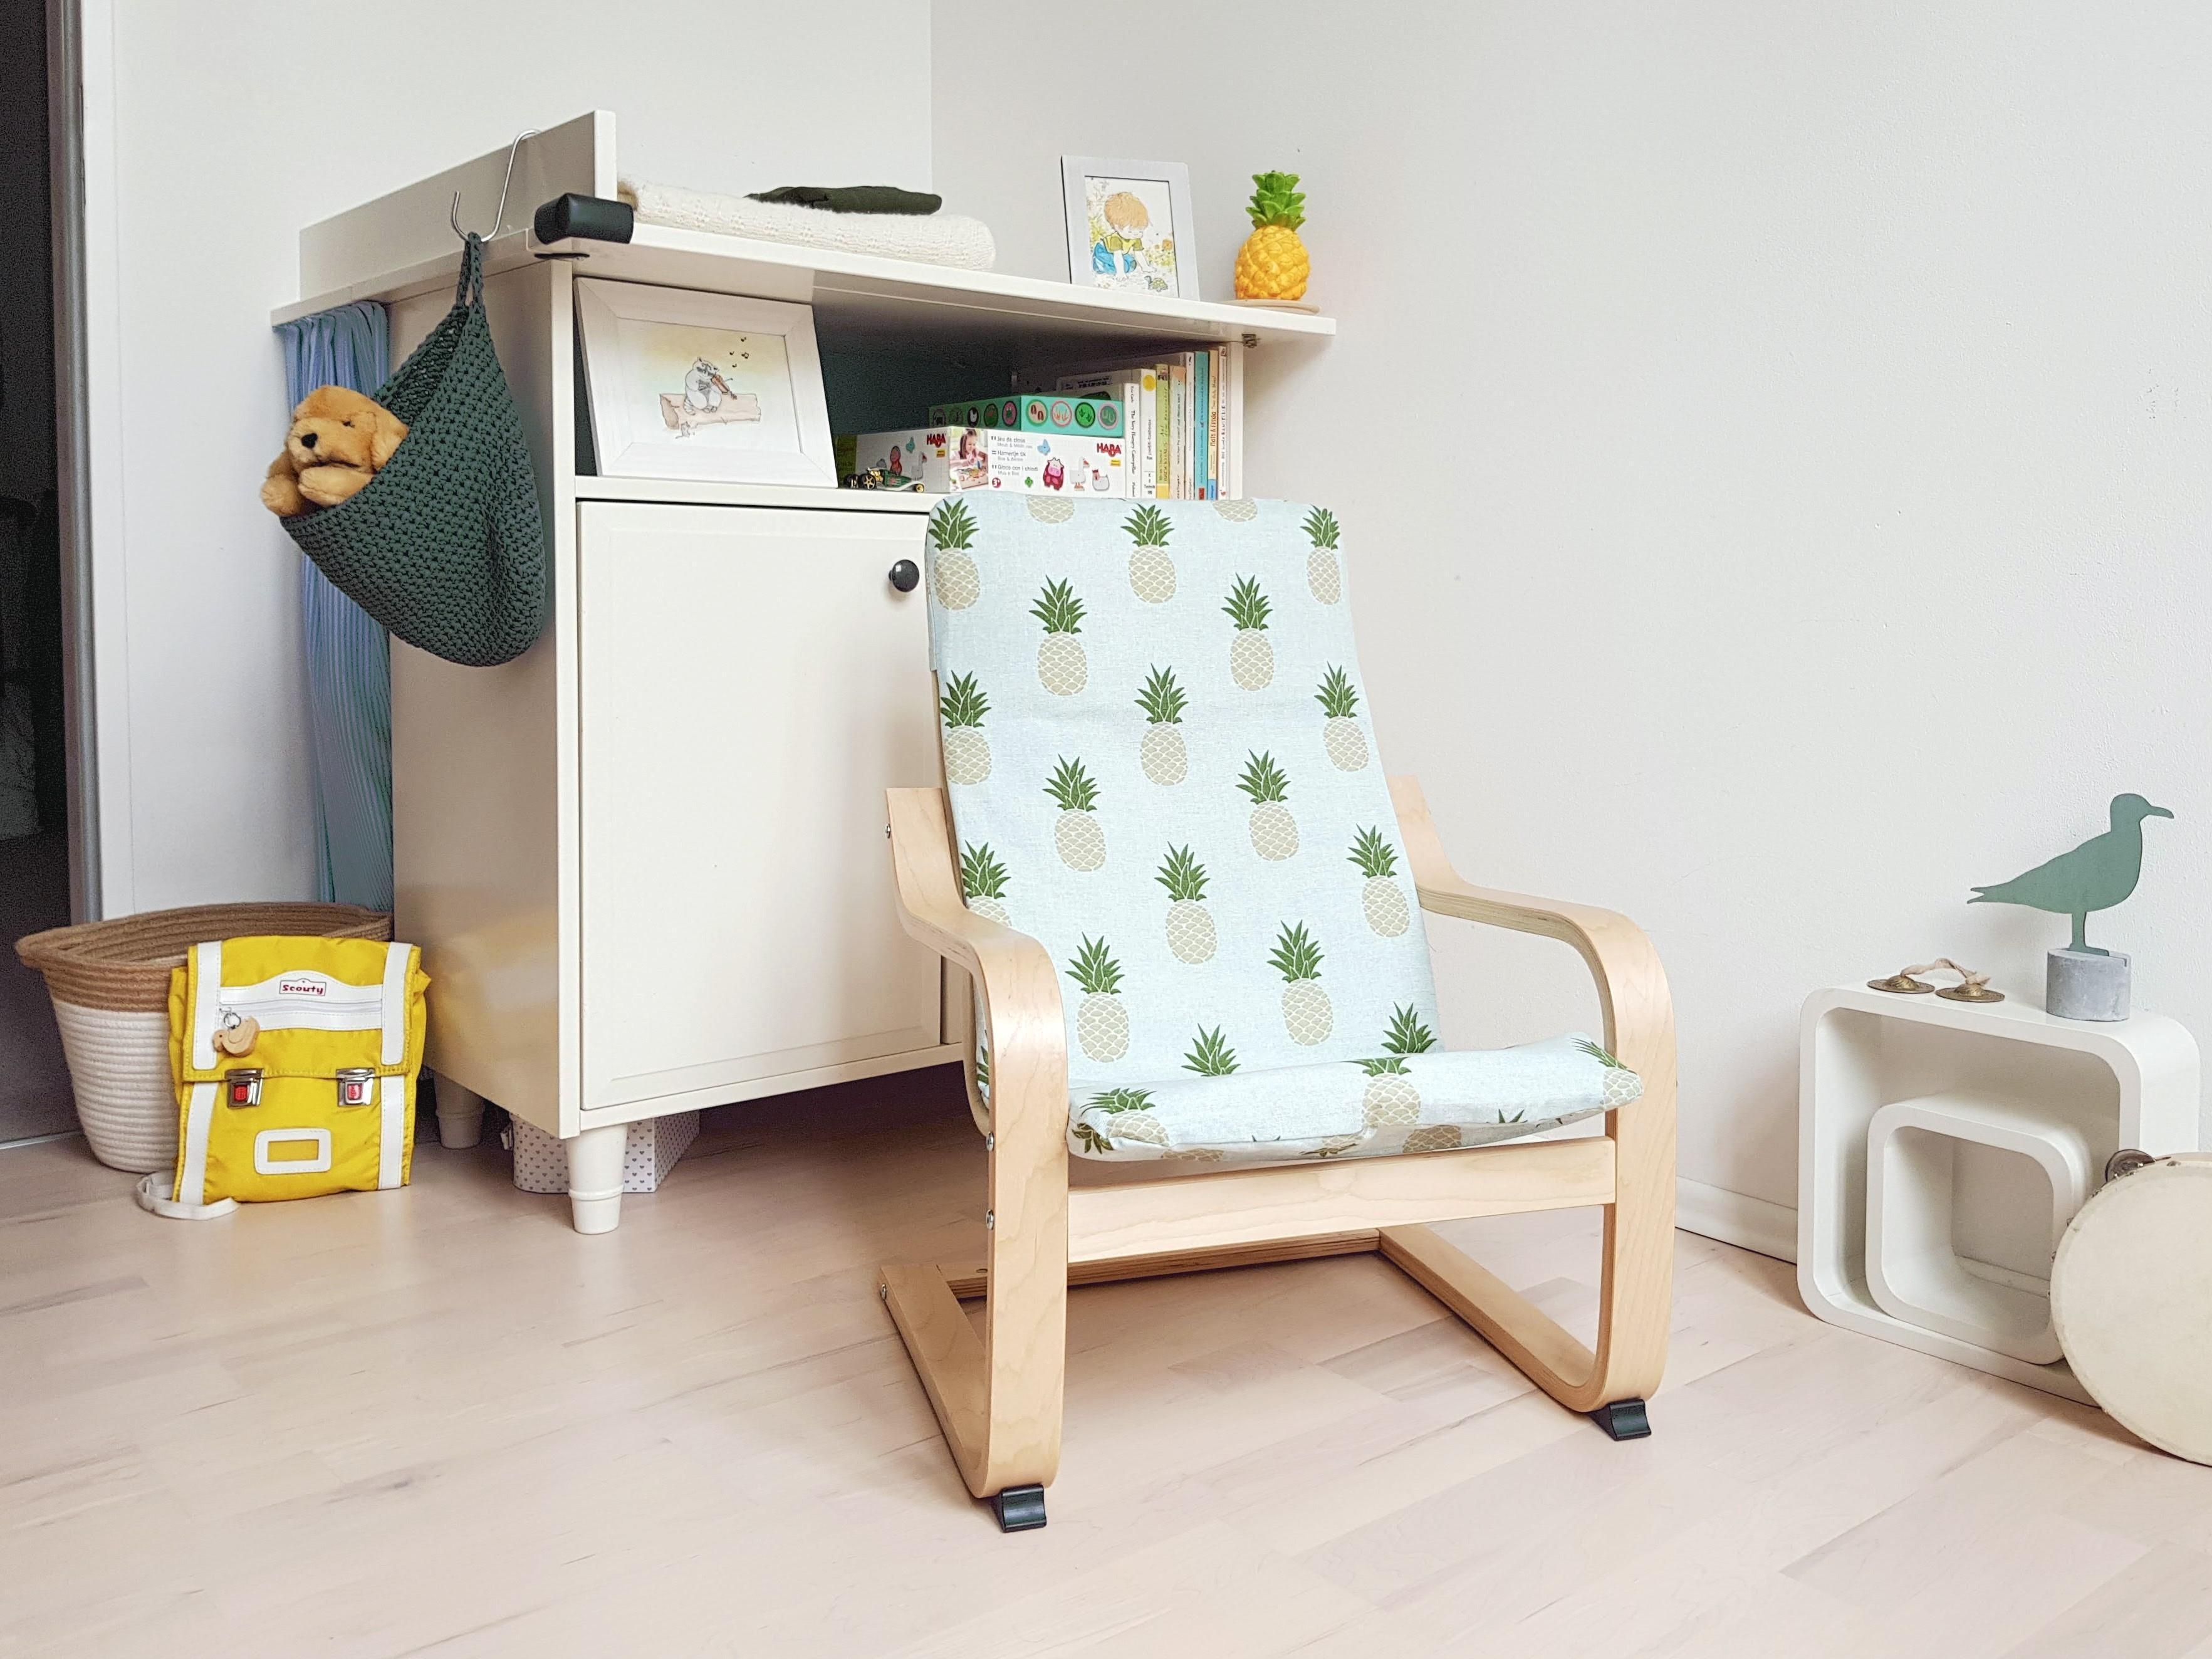 ikea hack schlafzimmer tedi bettw sche tom tailor gr n elektrische lattenroste mit. Black Bedroom Furniture Sets. Home Design Ideas